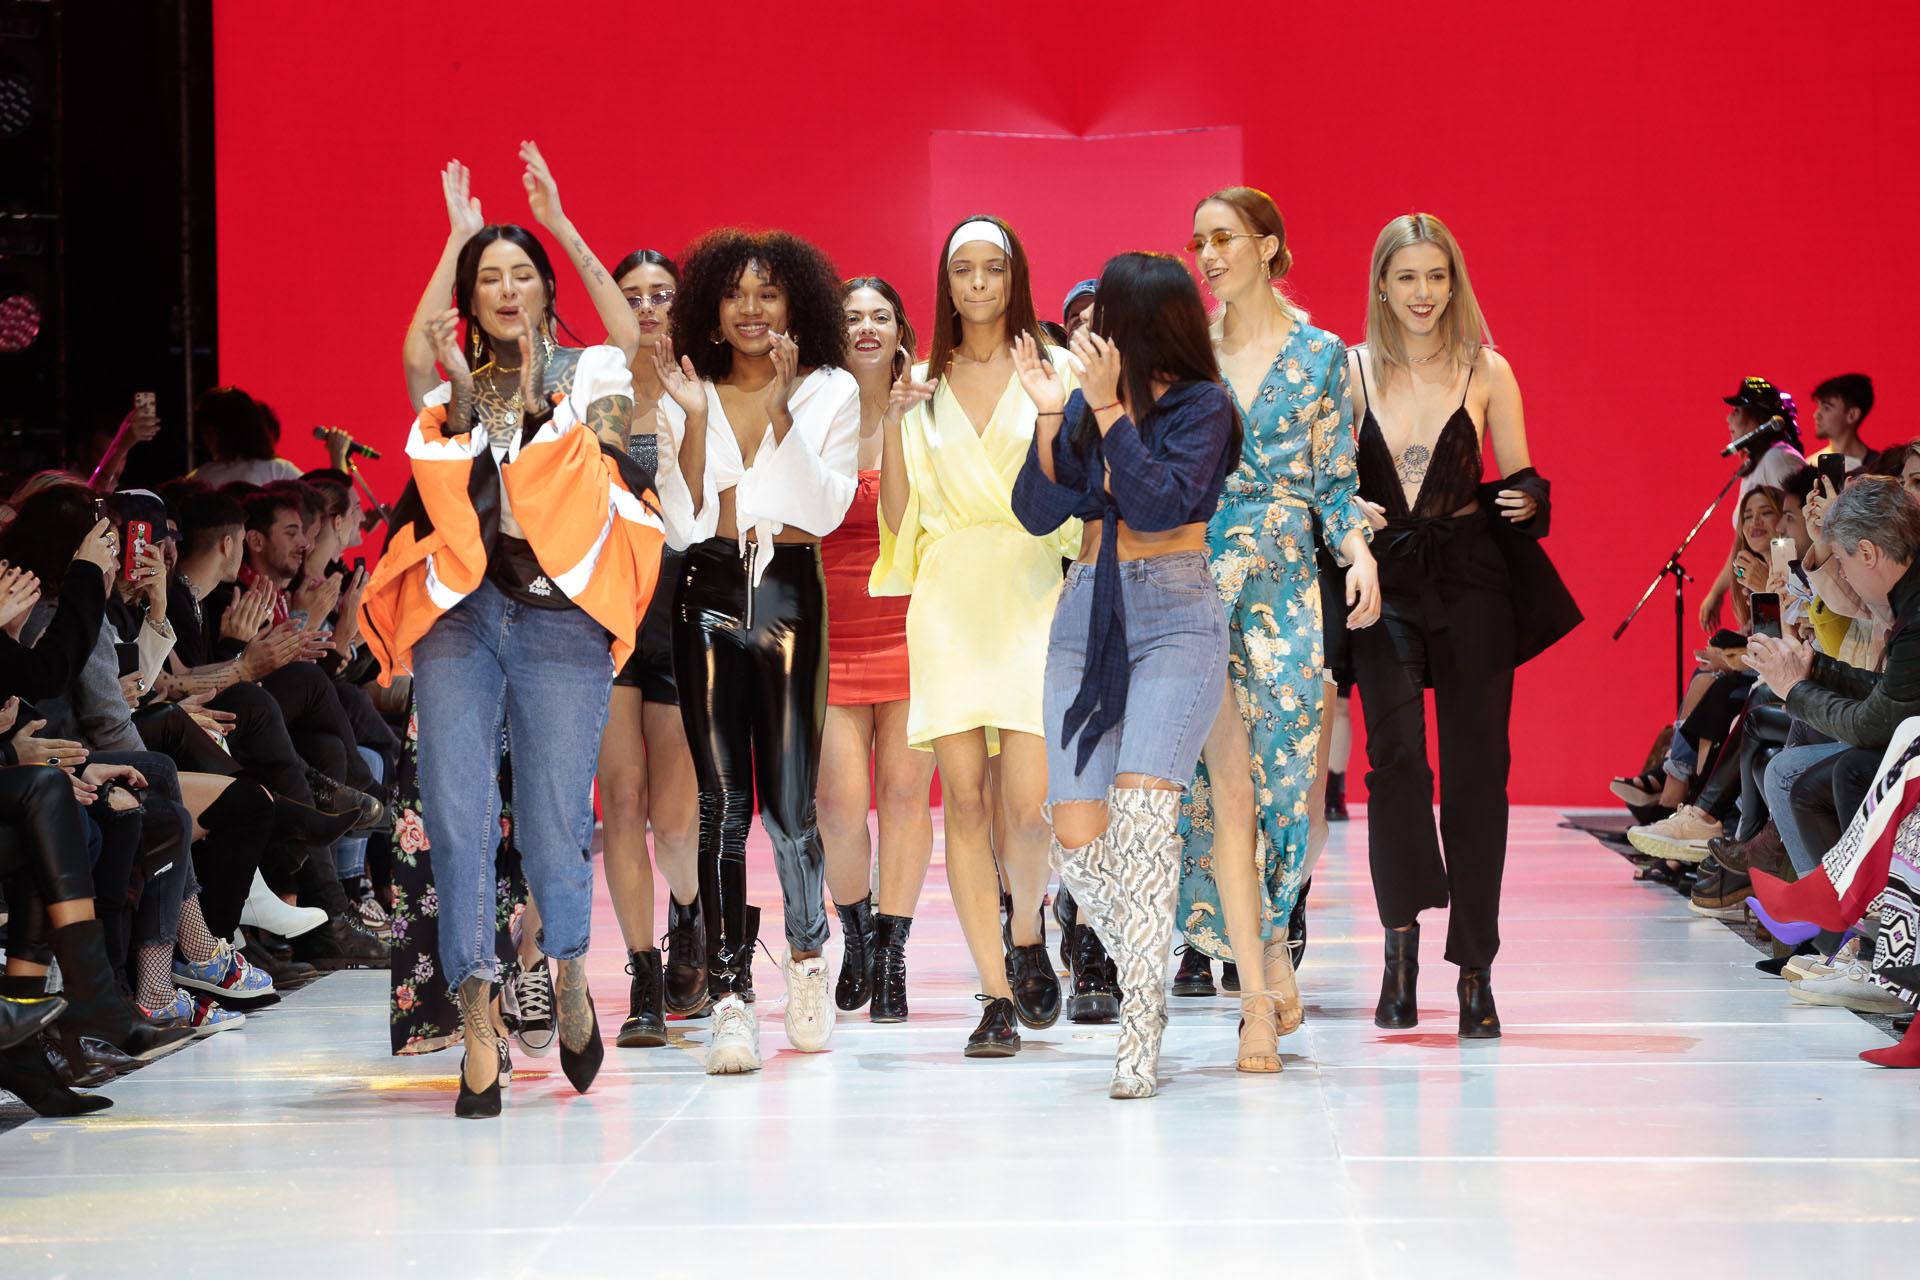 """La colección """"Girl Power"""" busca dejar un mensaje de inclusión, donde todas las personas son aceptadas"""